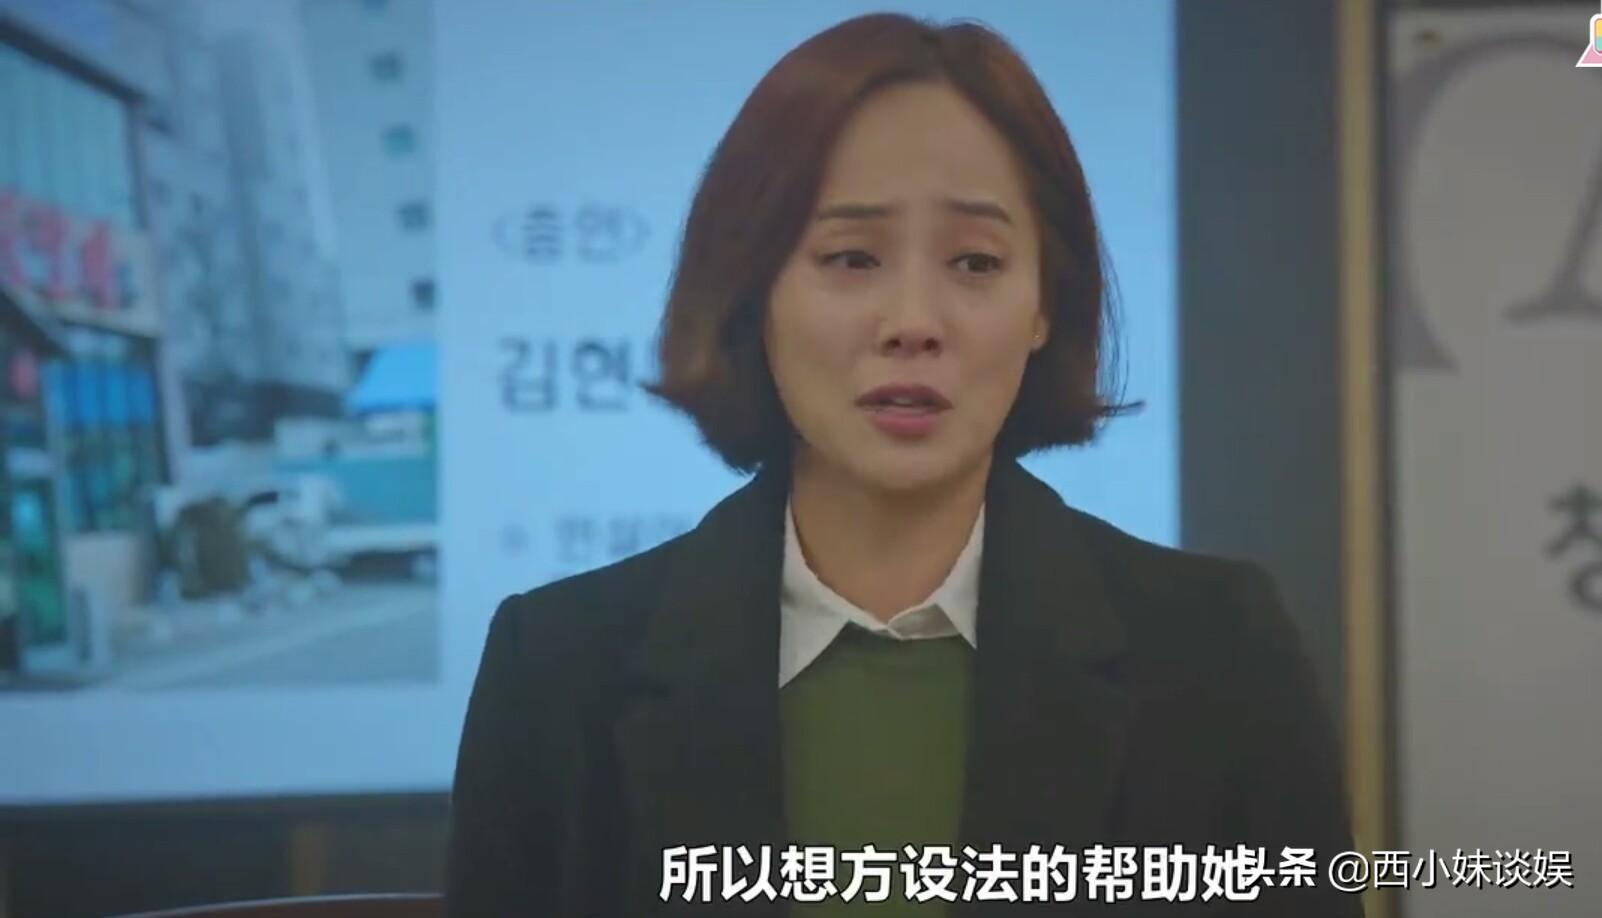 《顶楼》:秀莲都自顾不暇,忙复仇,为什么还主动跟允熙搭话?